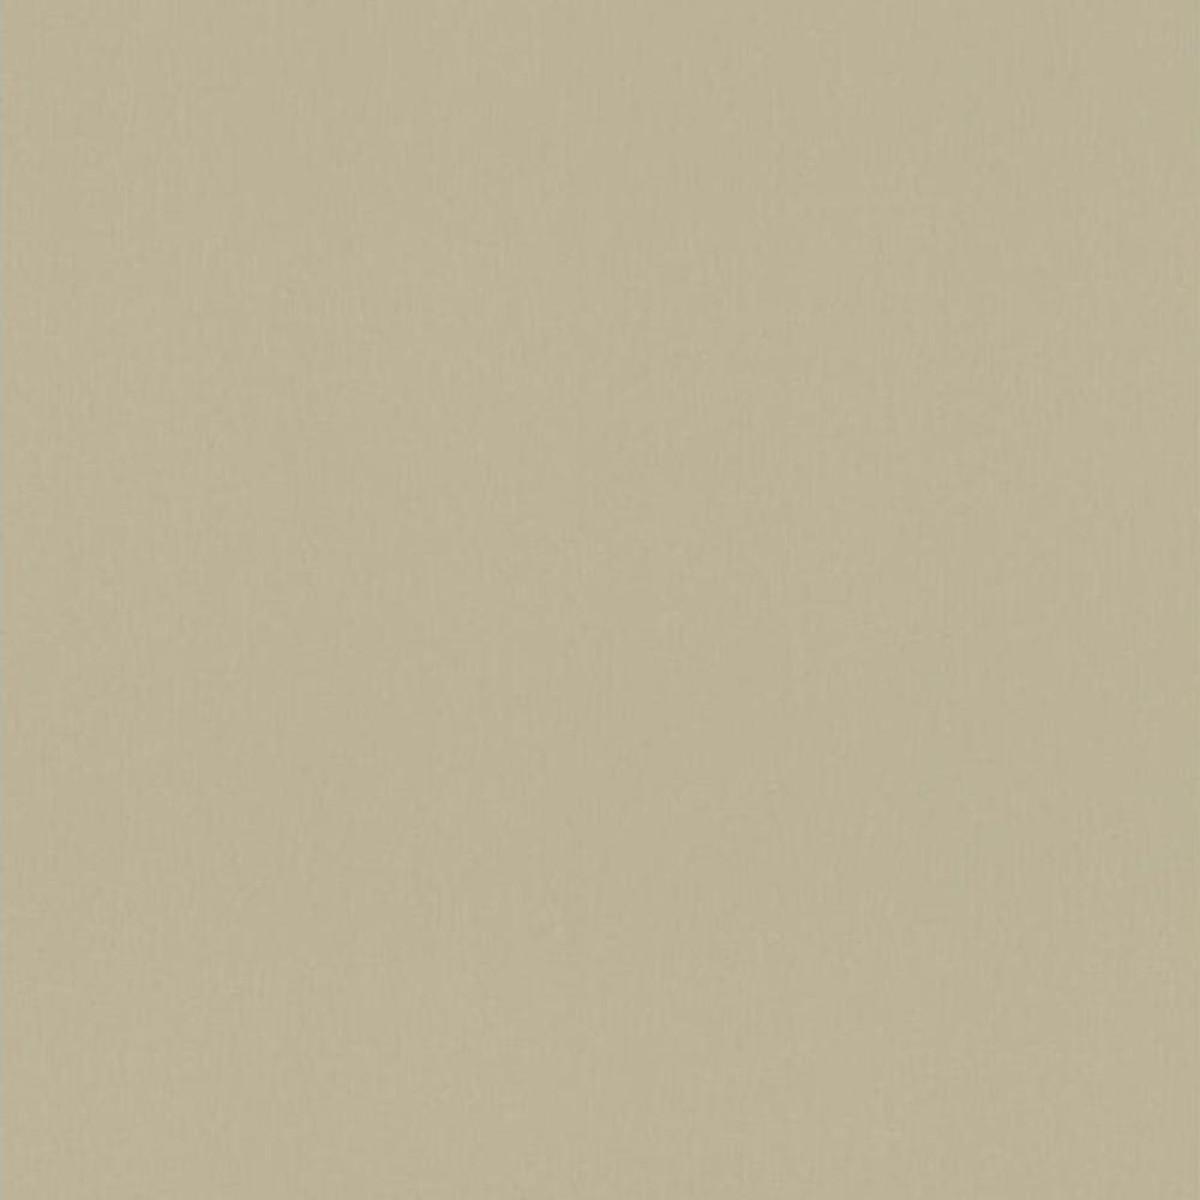 Обои флизелиновые Мир Авангард коричневые 1.06 м 45А-312-14